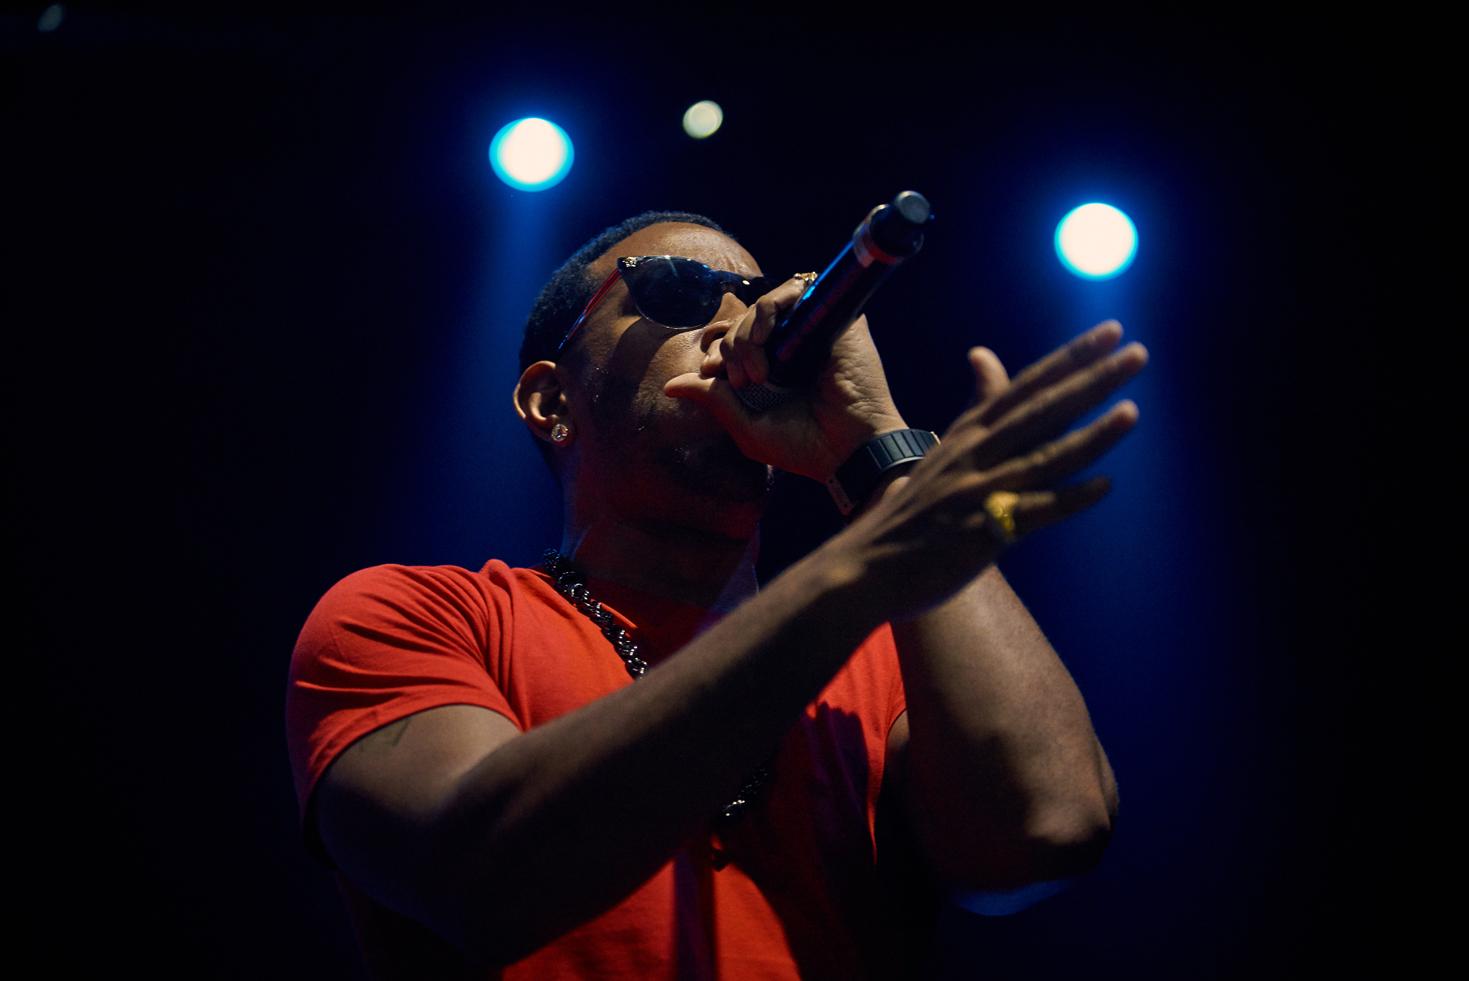 LLL_3214_Ludacris-Live-at-Eventim-Apollo-March-2017.jpg